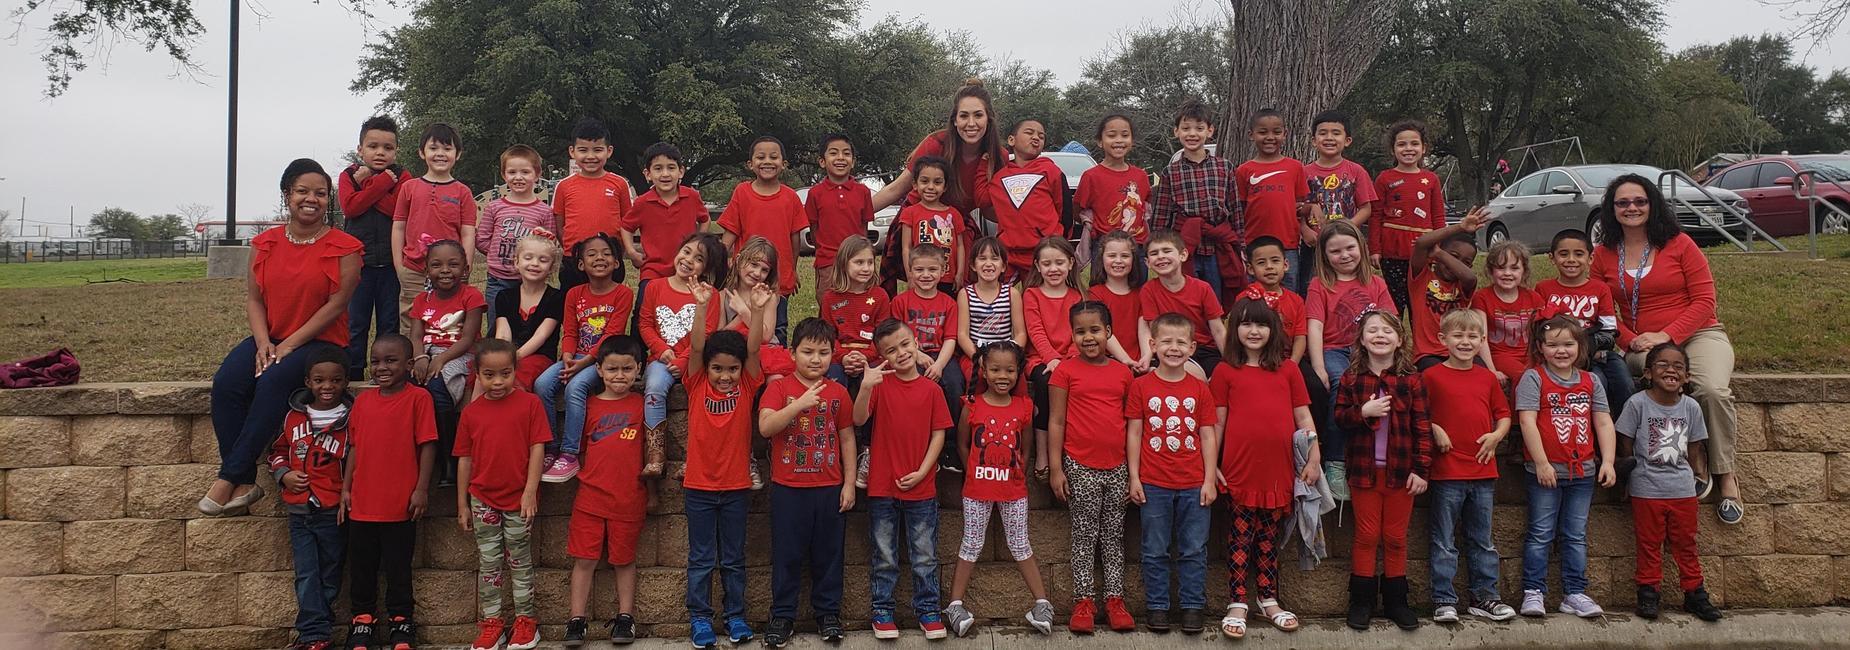 Kinder. kids wear Red for reading!